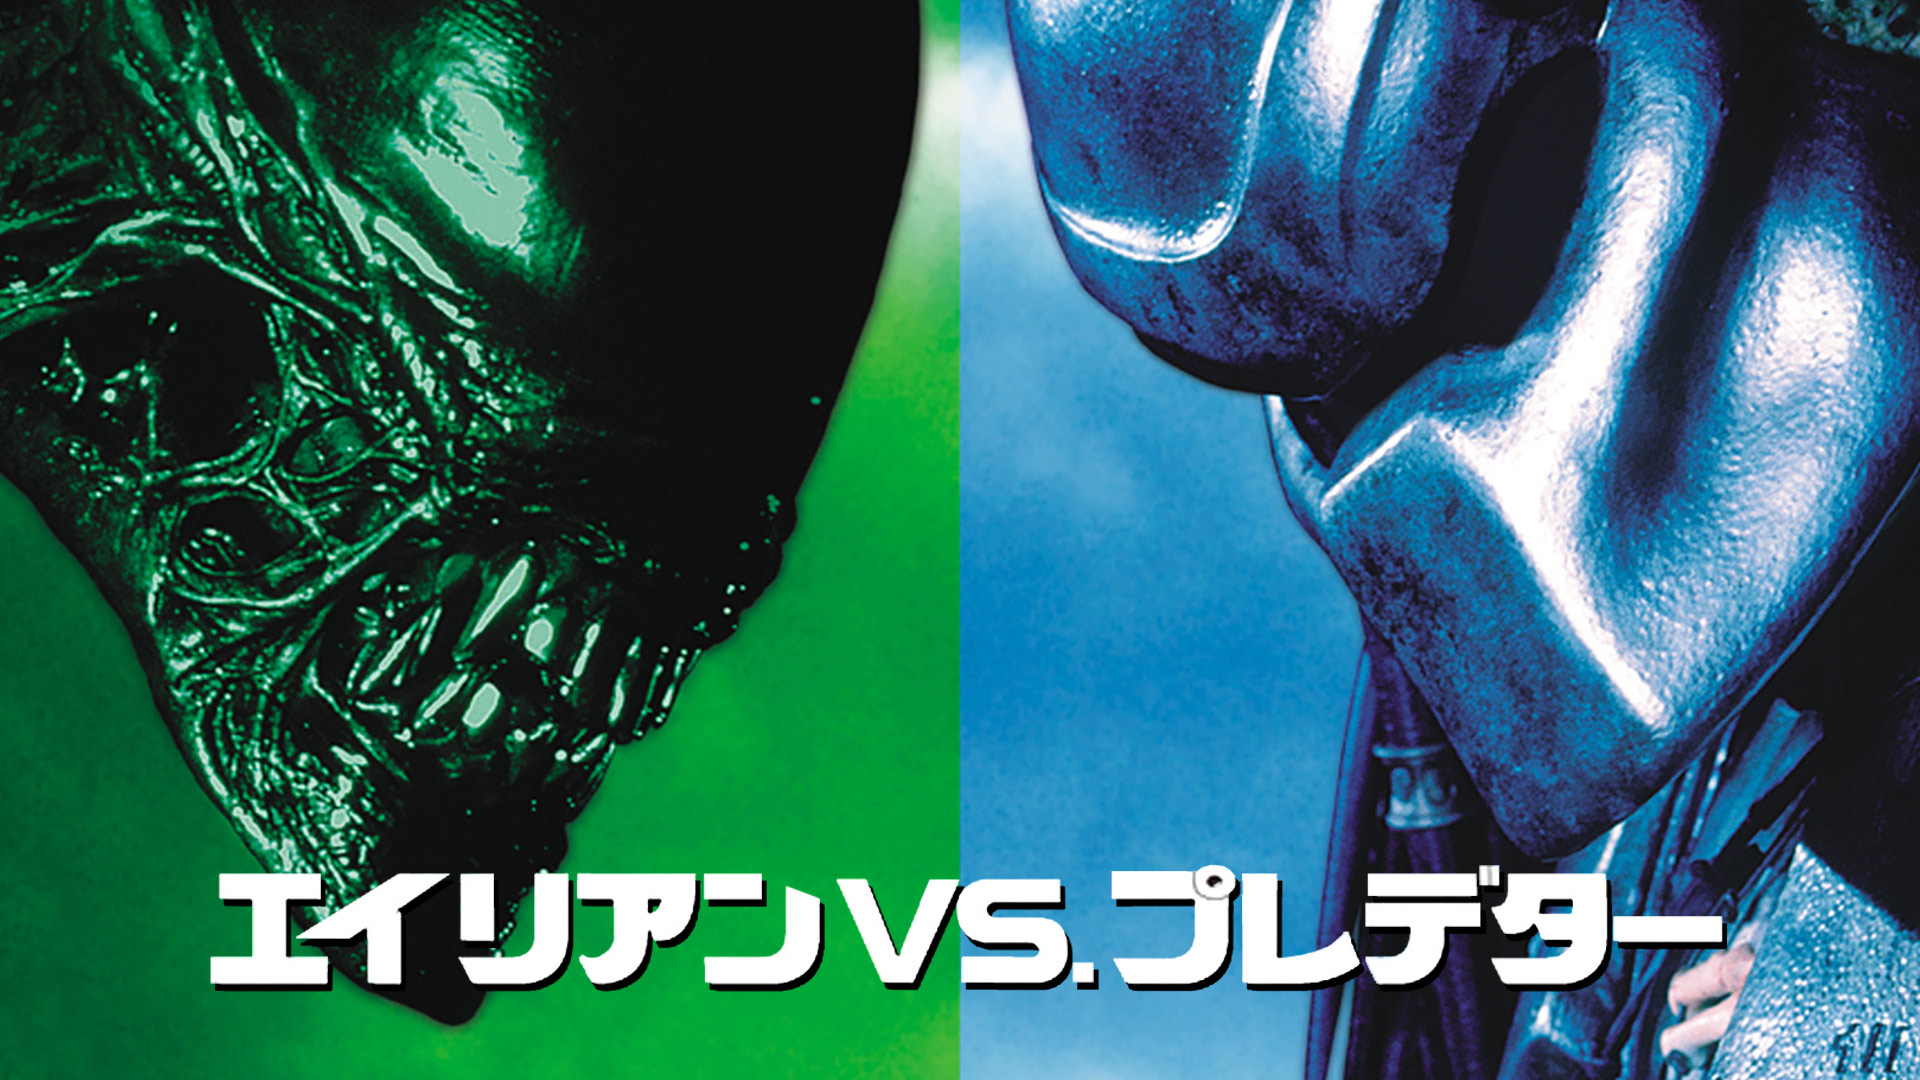 エイリアンVS.プレデター (字幕版)